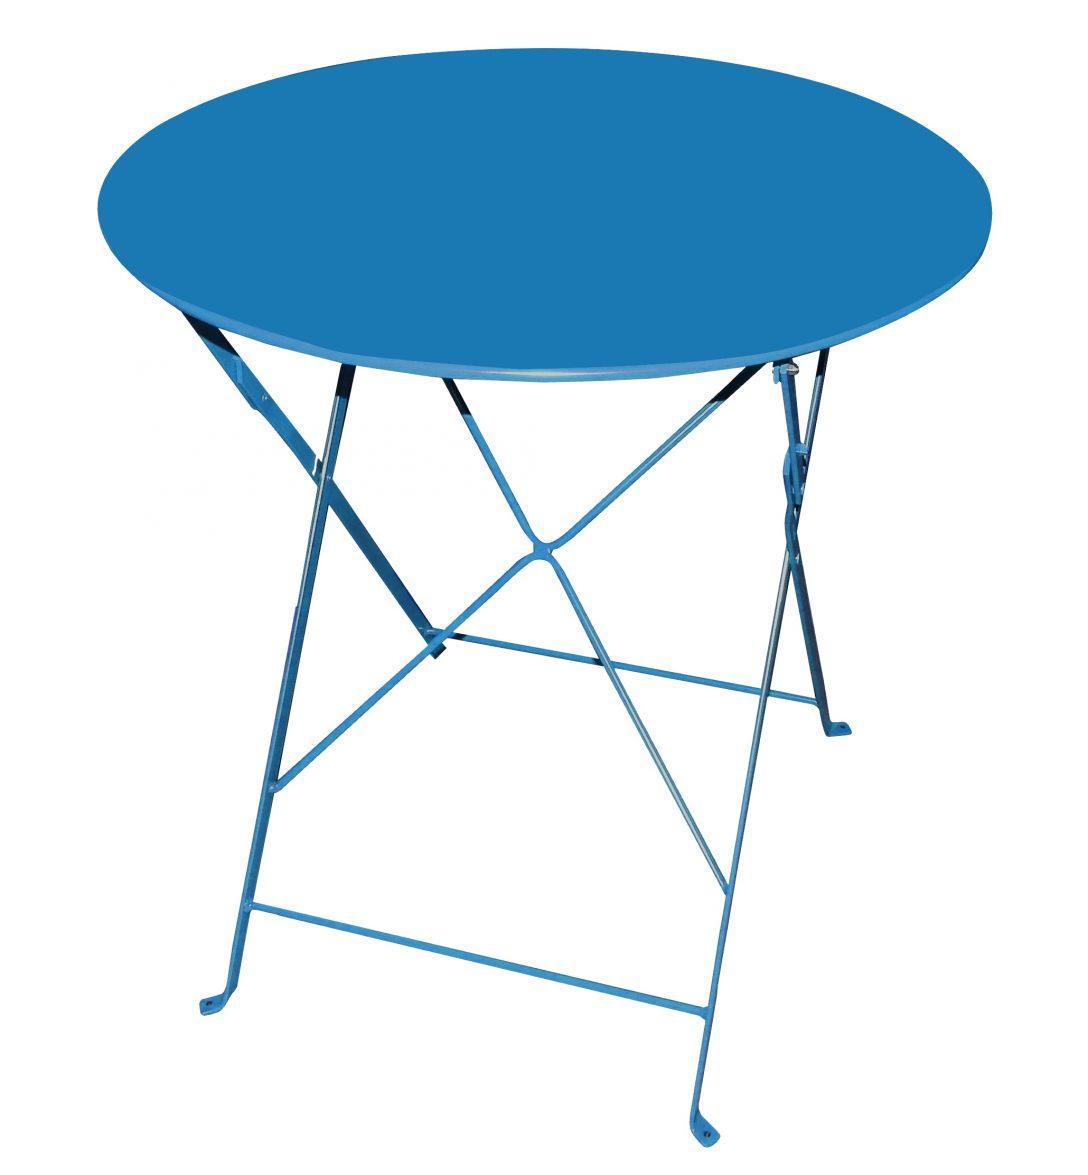 Full Size of Tisch Mit Feuerschale Beistelltisch Garten Talenti Metall Klapptisch 70cm Blau Ausziehbarer Esstisch Deckenlampe Romantisches Bett Regal Türen Designer Küche Wohnzimmer Tisch Mit Feuerschale